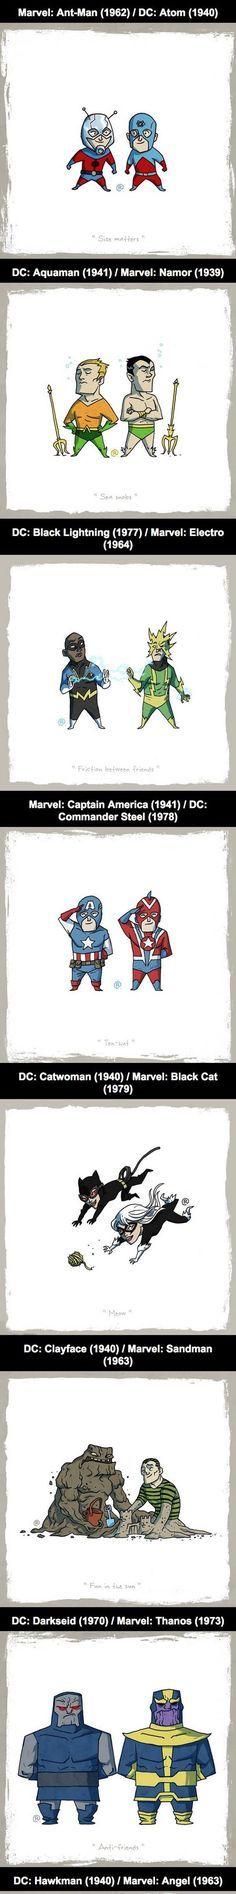 Marvel Vs DC: Caracteres equivalentes